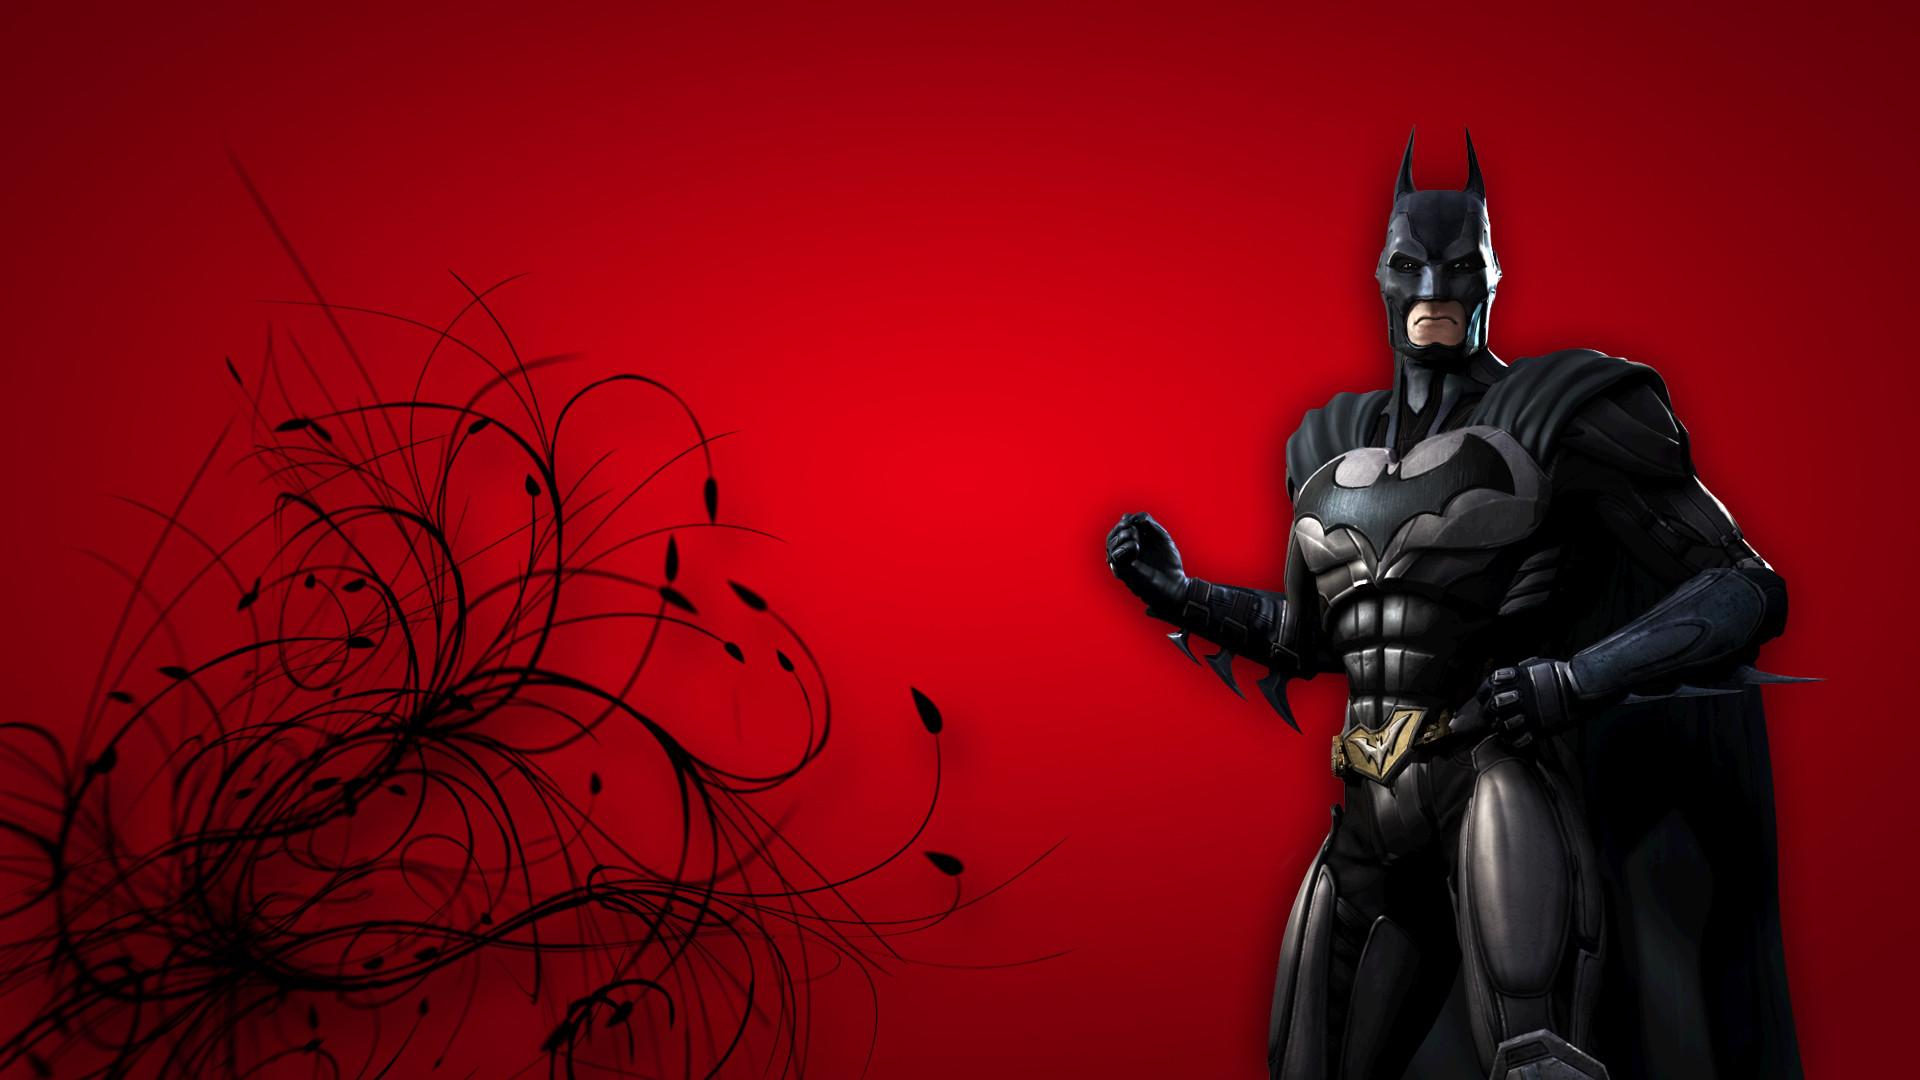 The Superman Batman Adventures HD Wallpaper